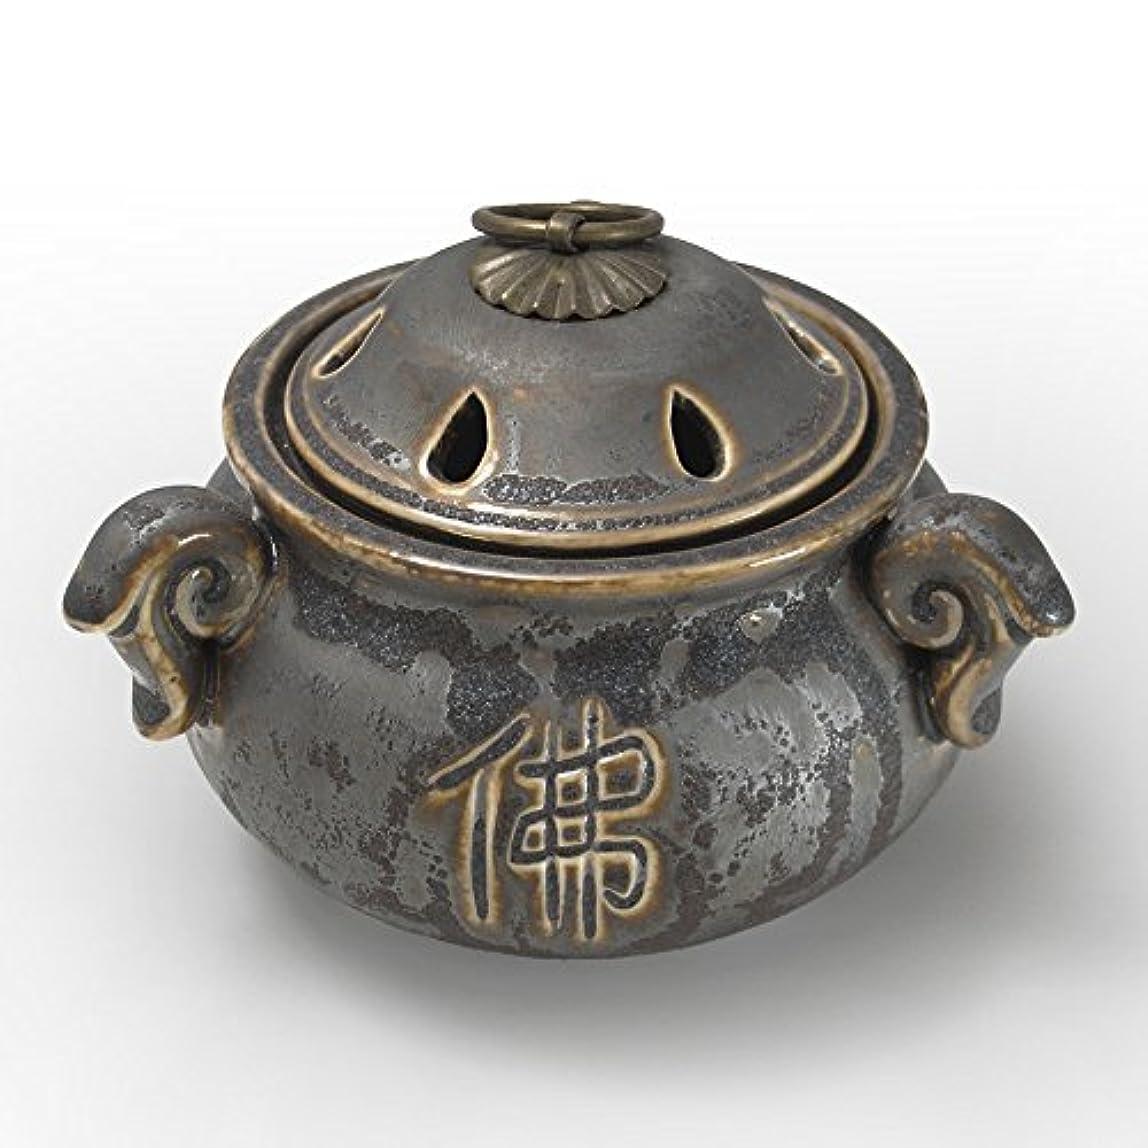 制約放送かける陶器香炉 アンティークデザイン